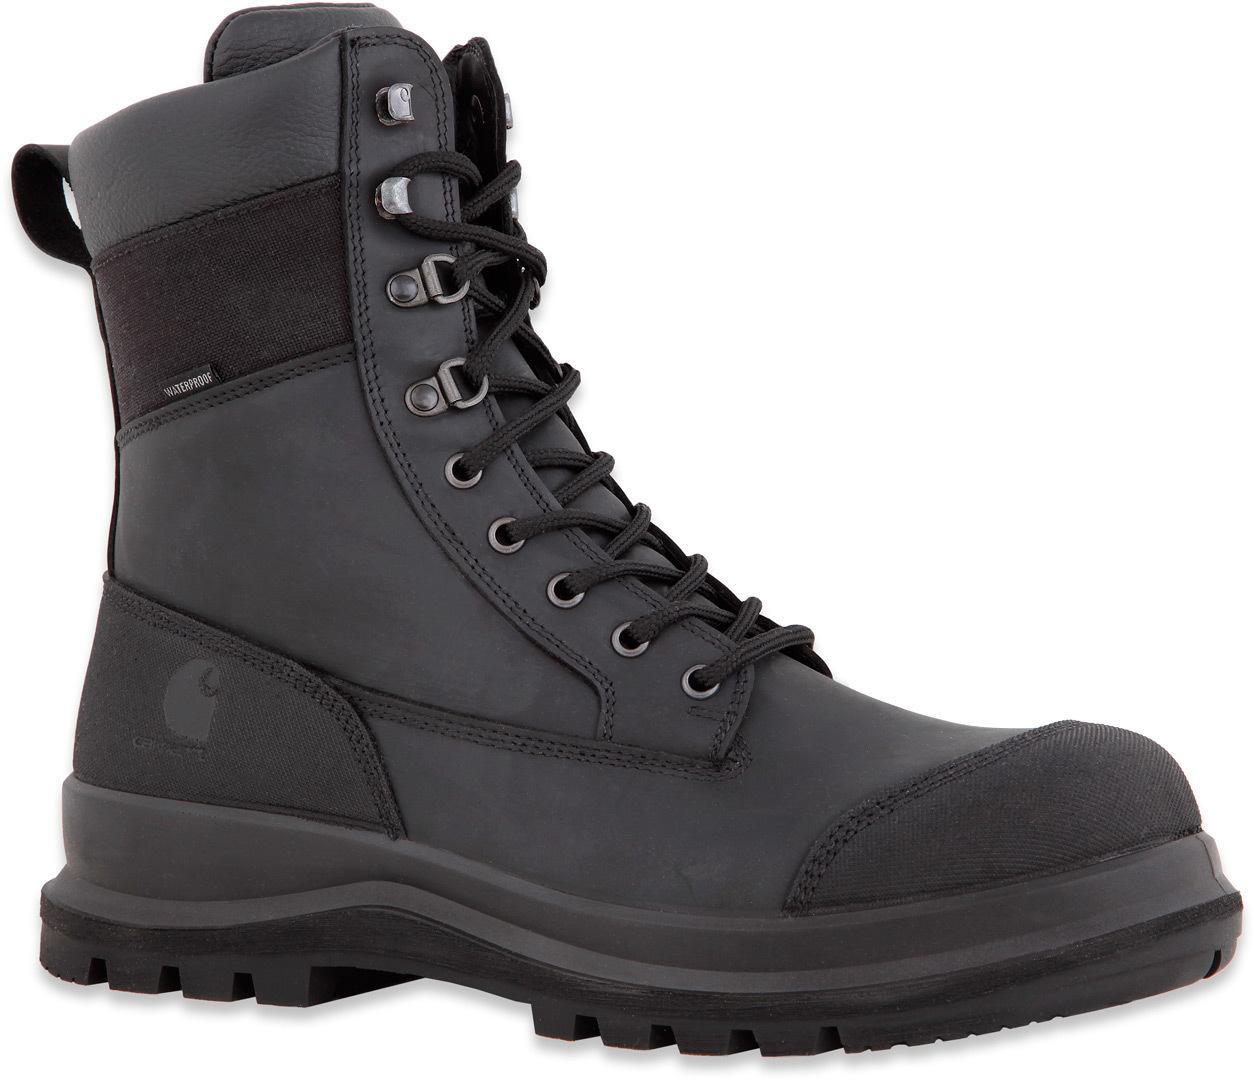 Carhartt Detroit Rugged Flex S3 High Stiefel, schwarz, Größe 39, schwarz, Größe 39 RC Modellbau